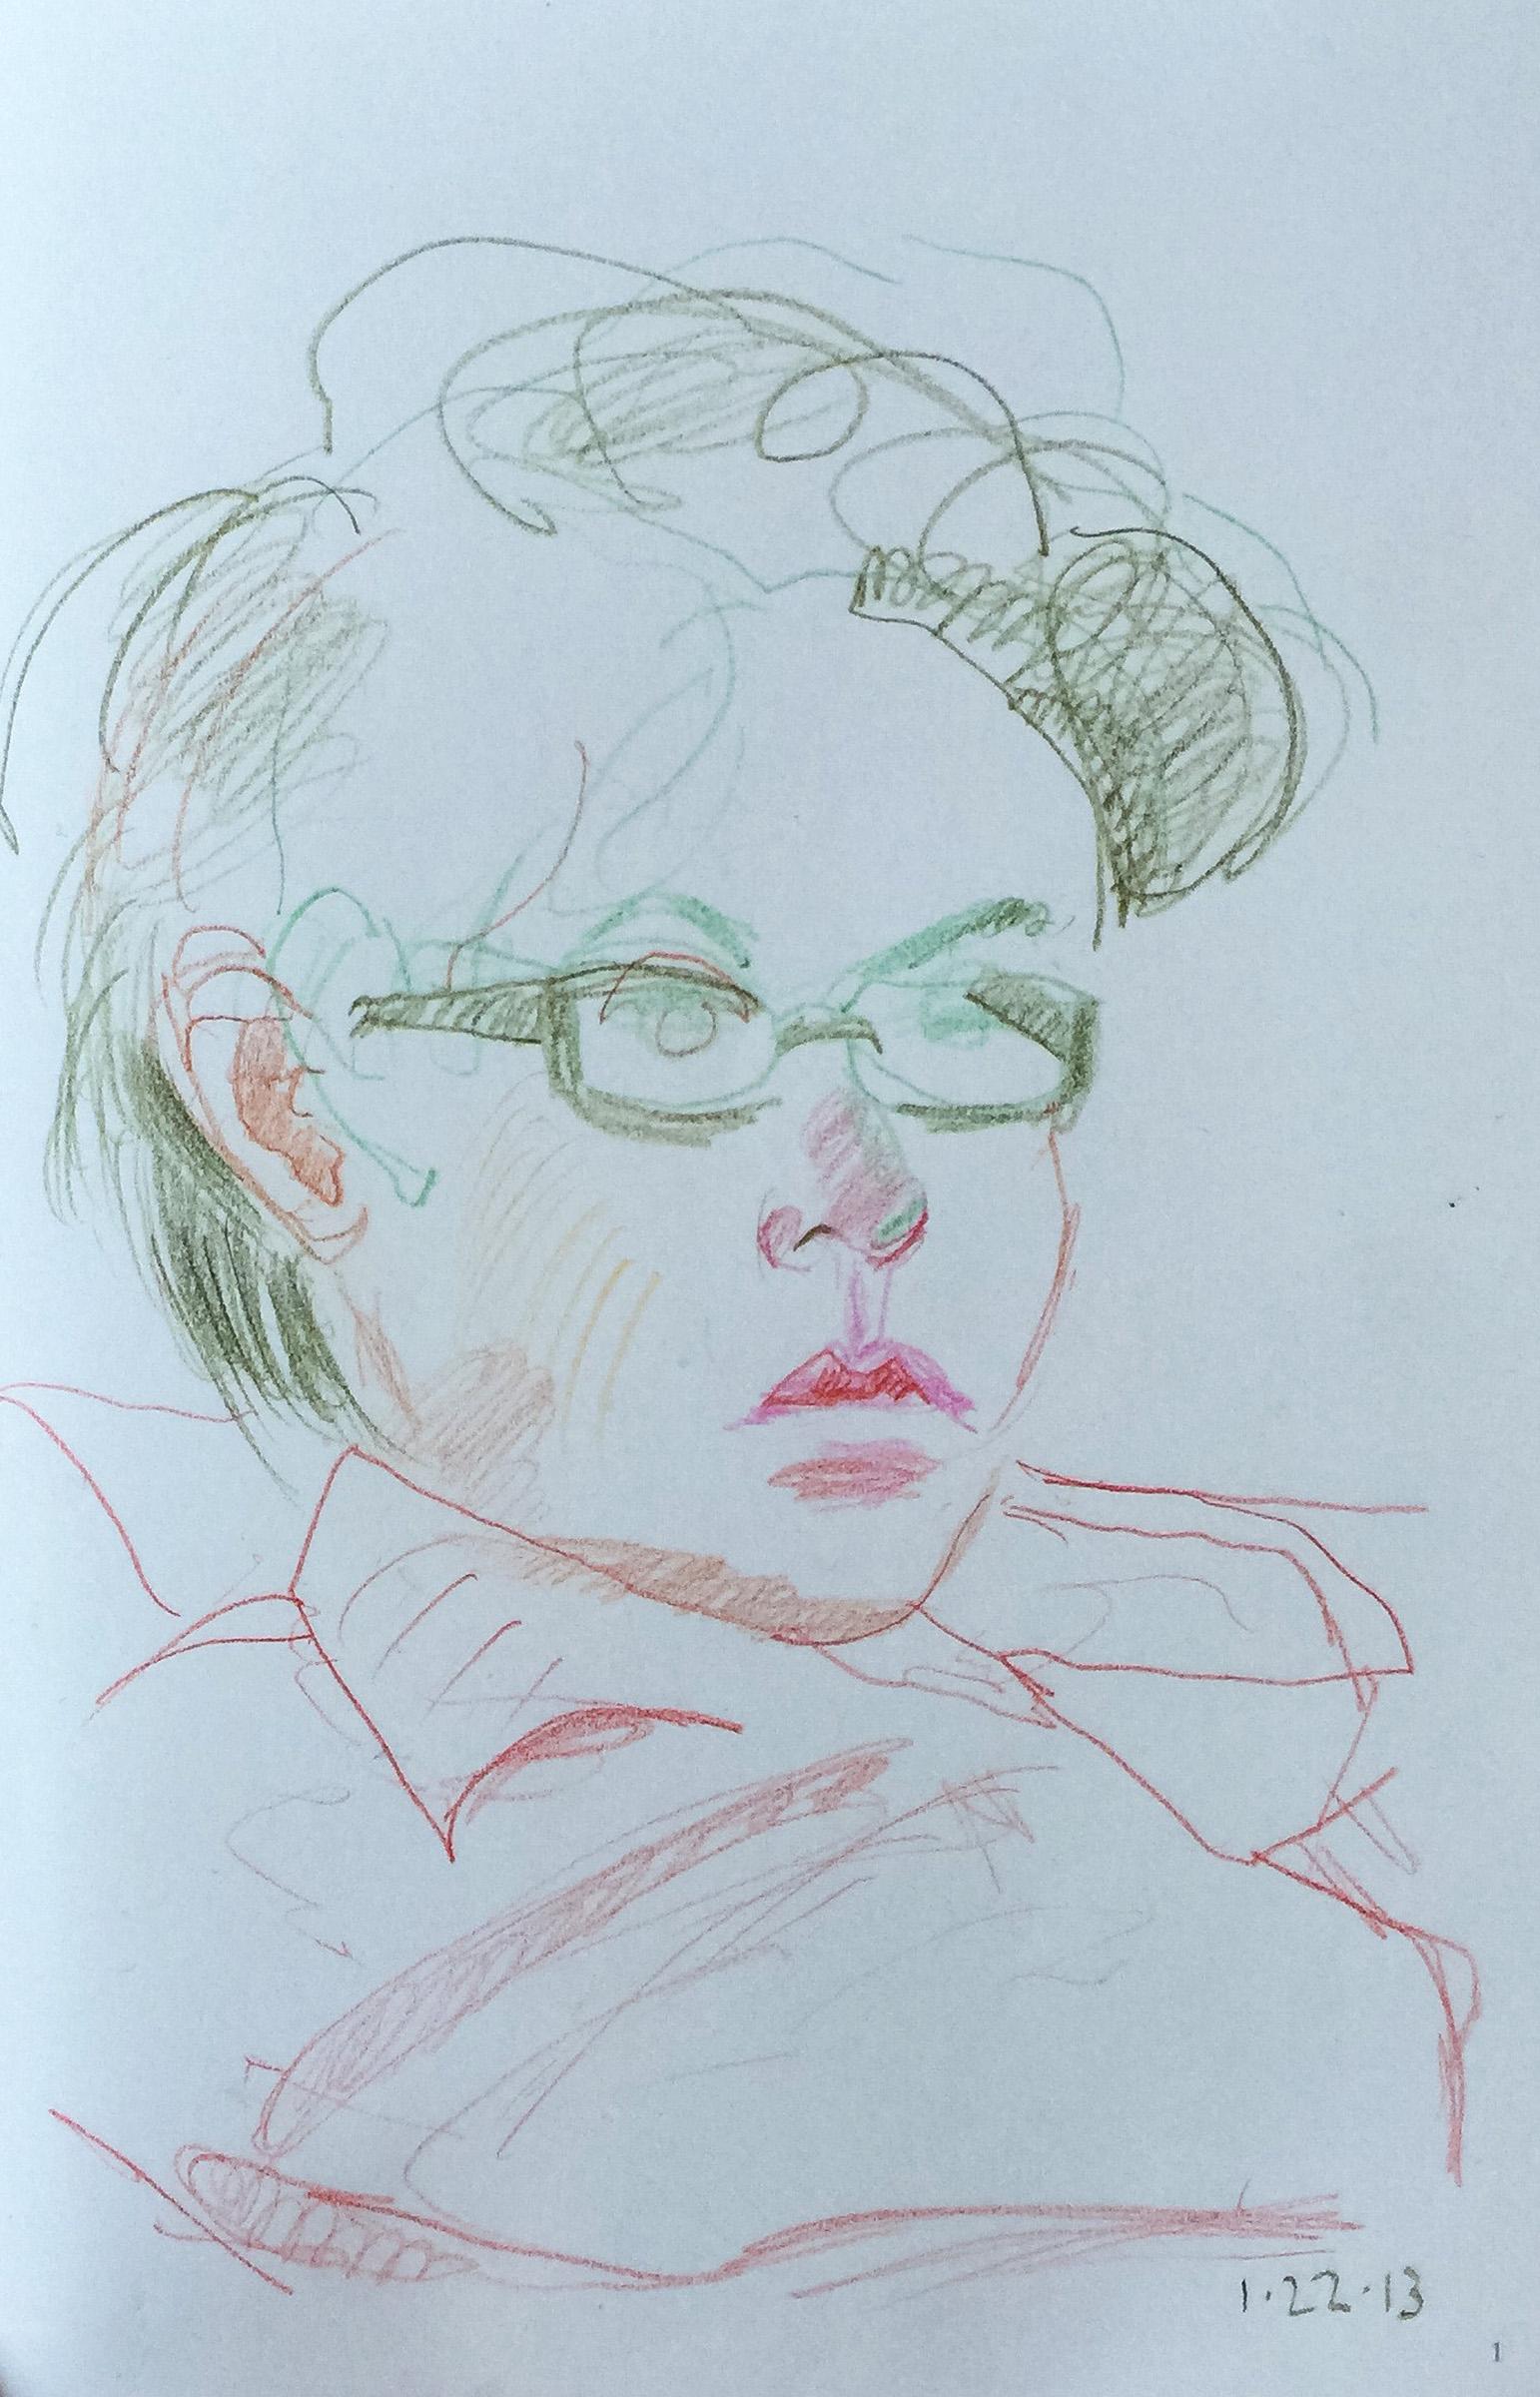 SITE-1-22-13 drawing.jpg